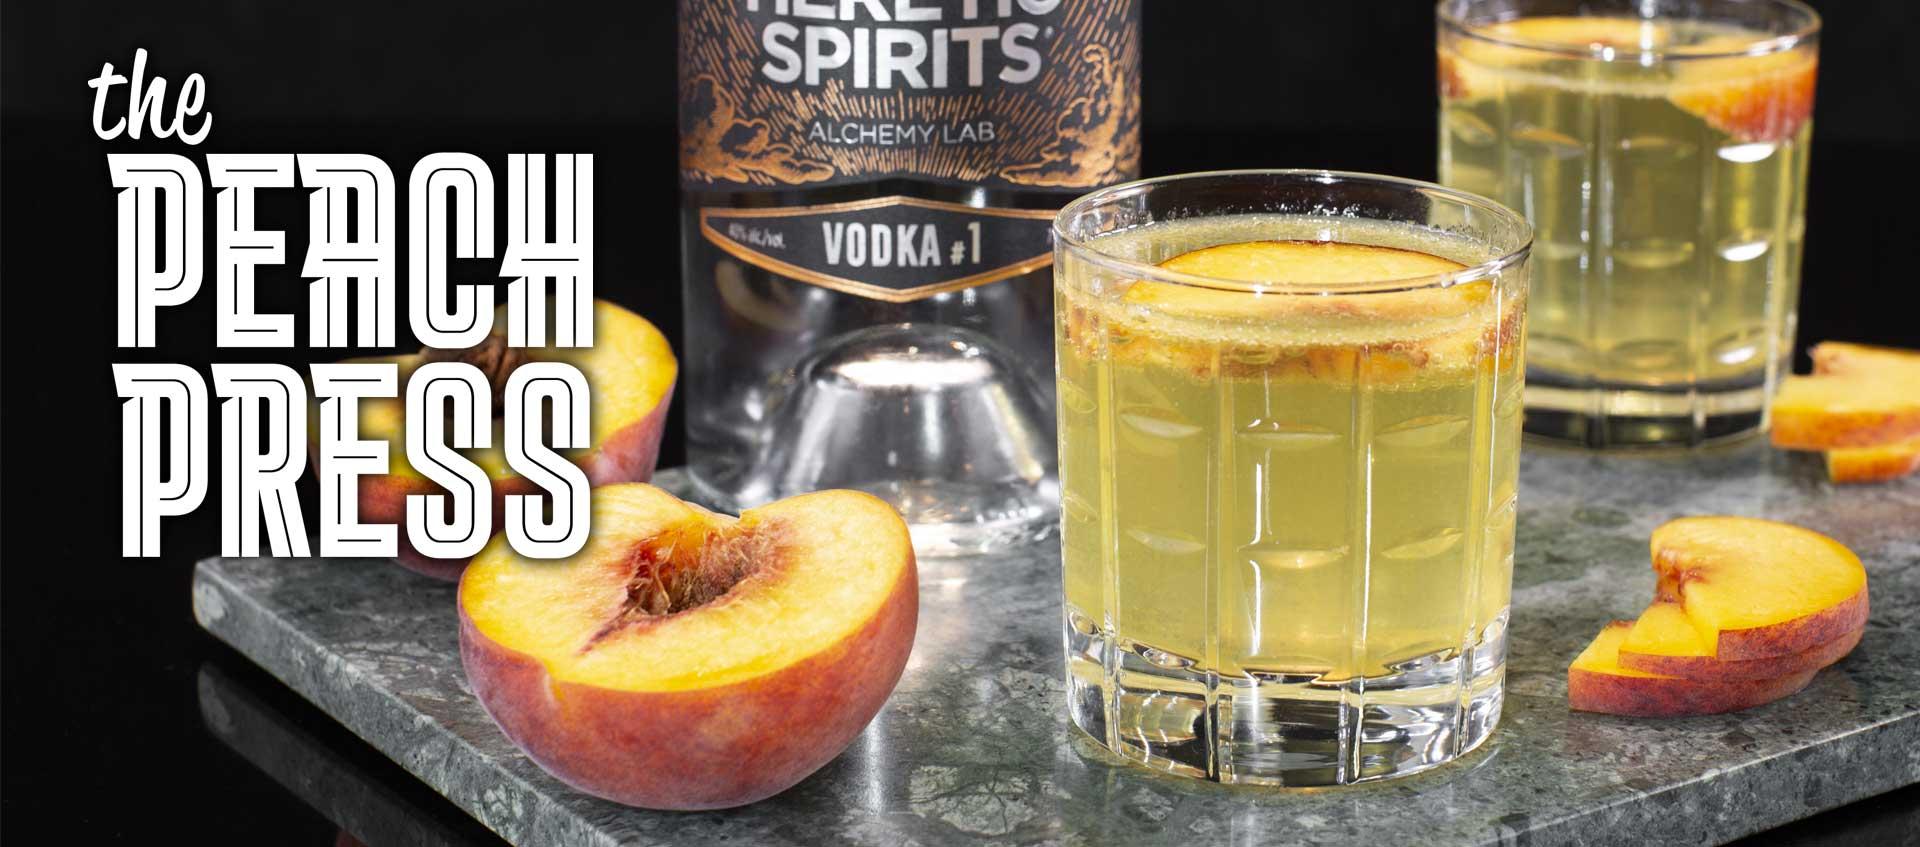 Vodka press recipe